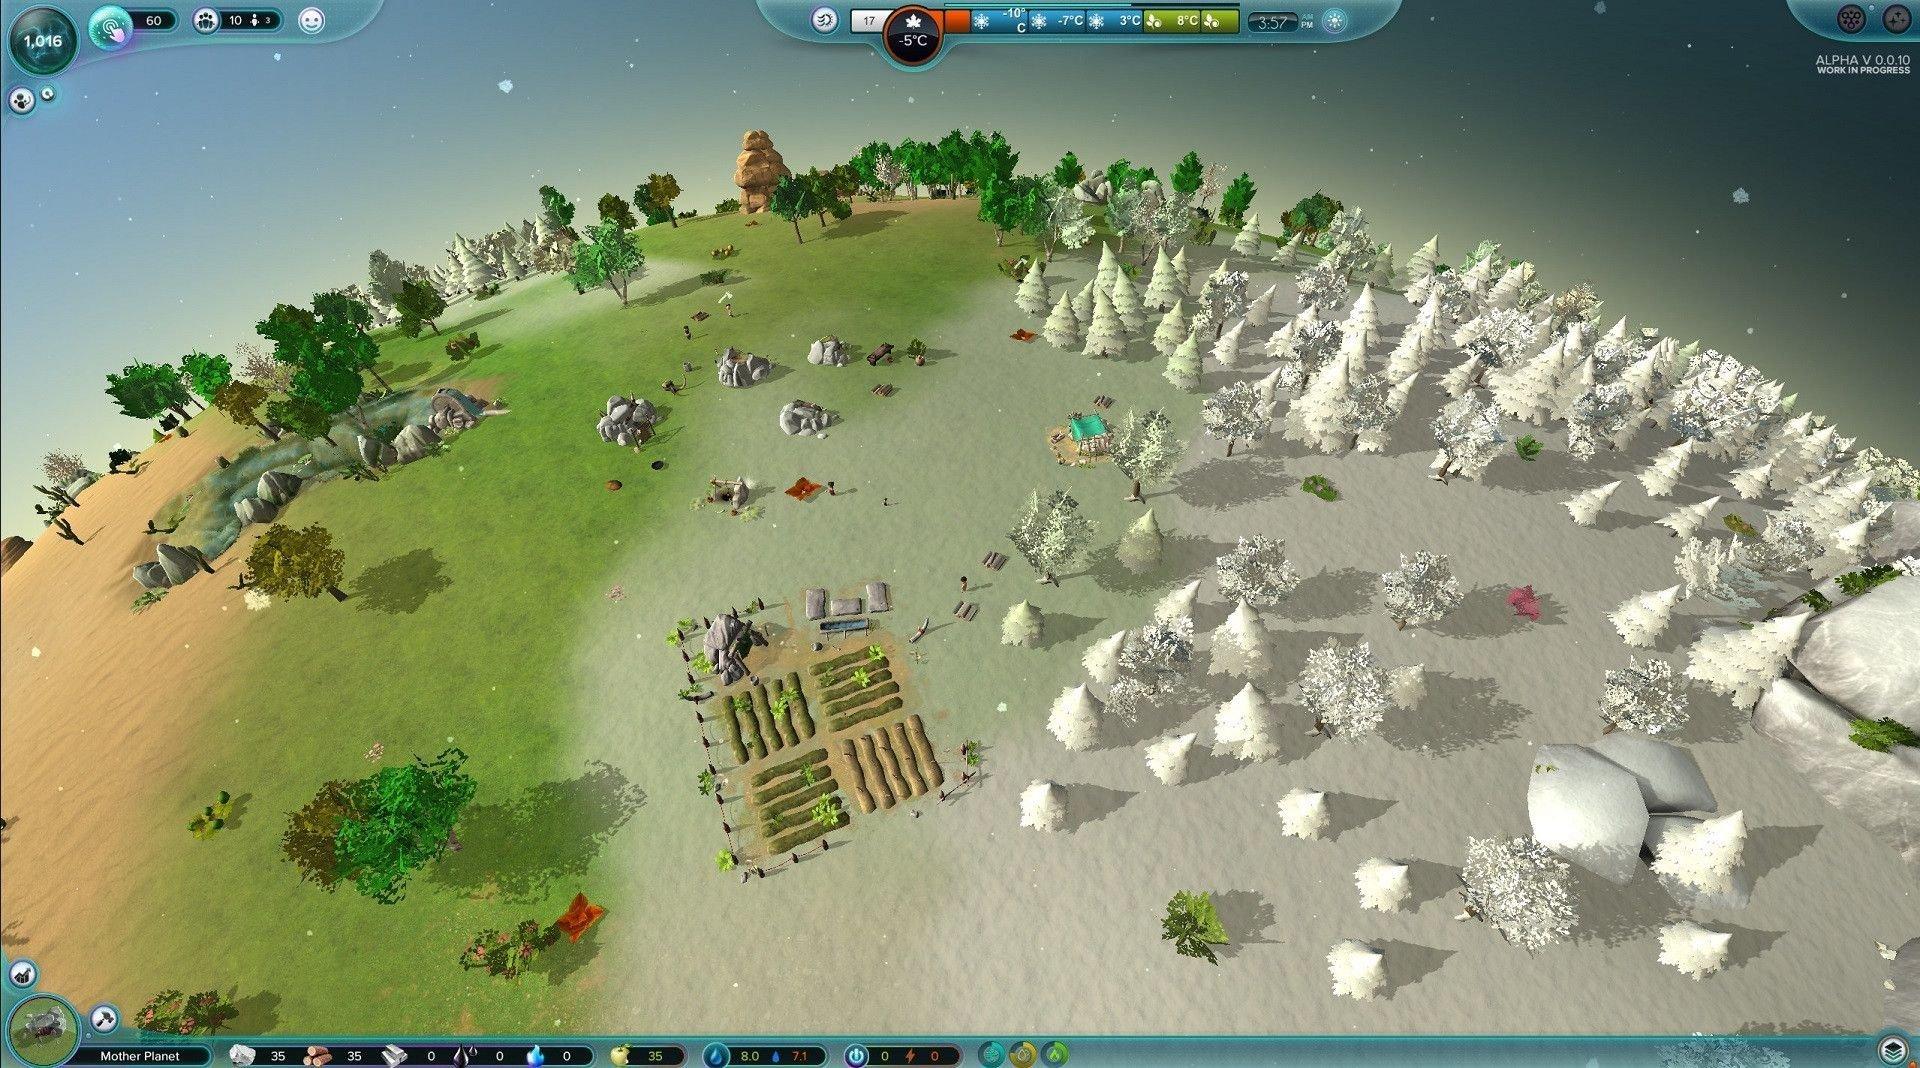 Скриншот к игре The Universim v.0.0.47.36044 [GOG] (Ранний доступ) скачать торрент Лицензия